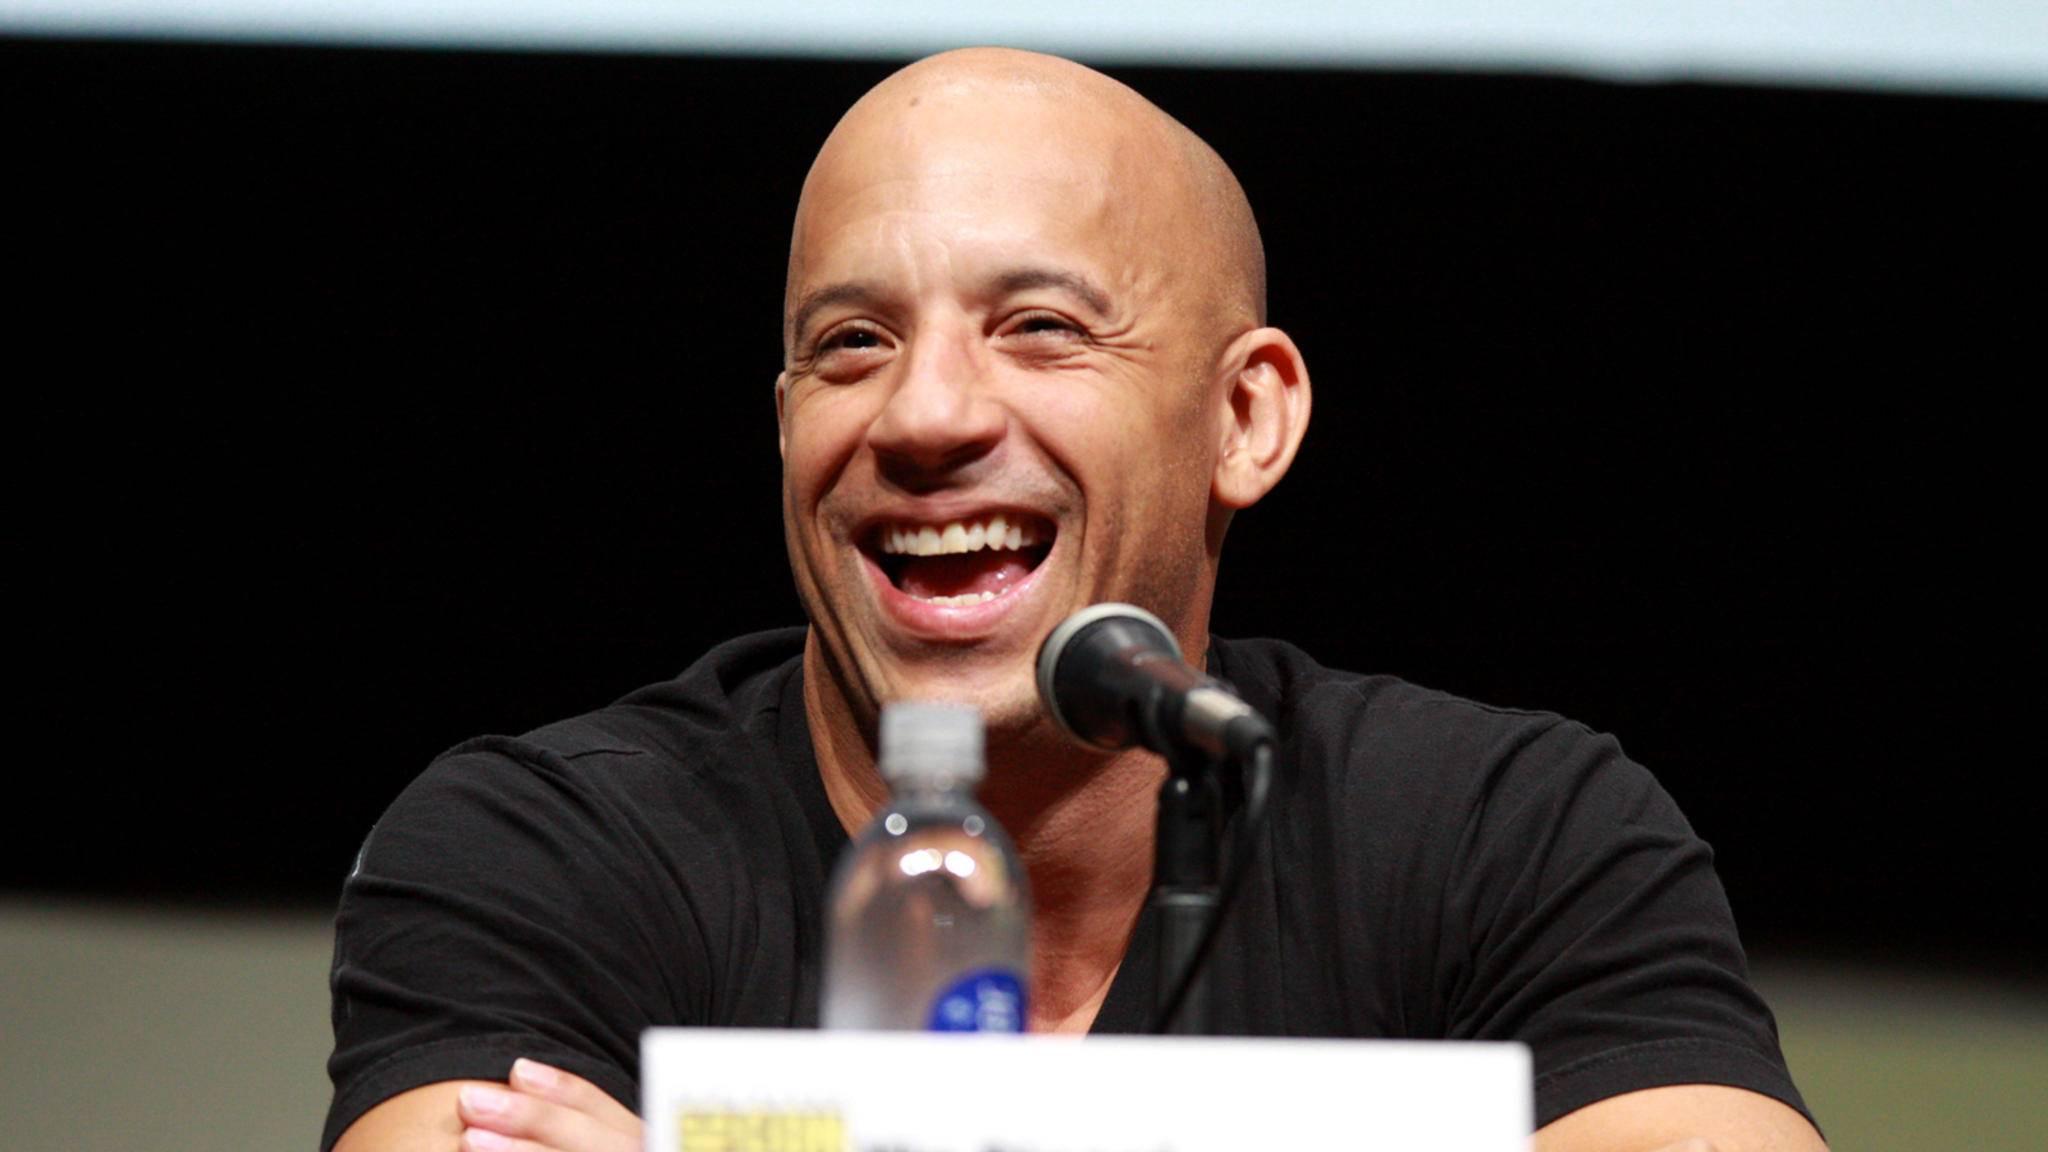 """Vin Diesel freut sich auf """"xXx – The Return of Xander Cage"""" und lässt seine Fans mit exklusiven Bildern daran teilhaben."""